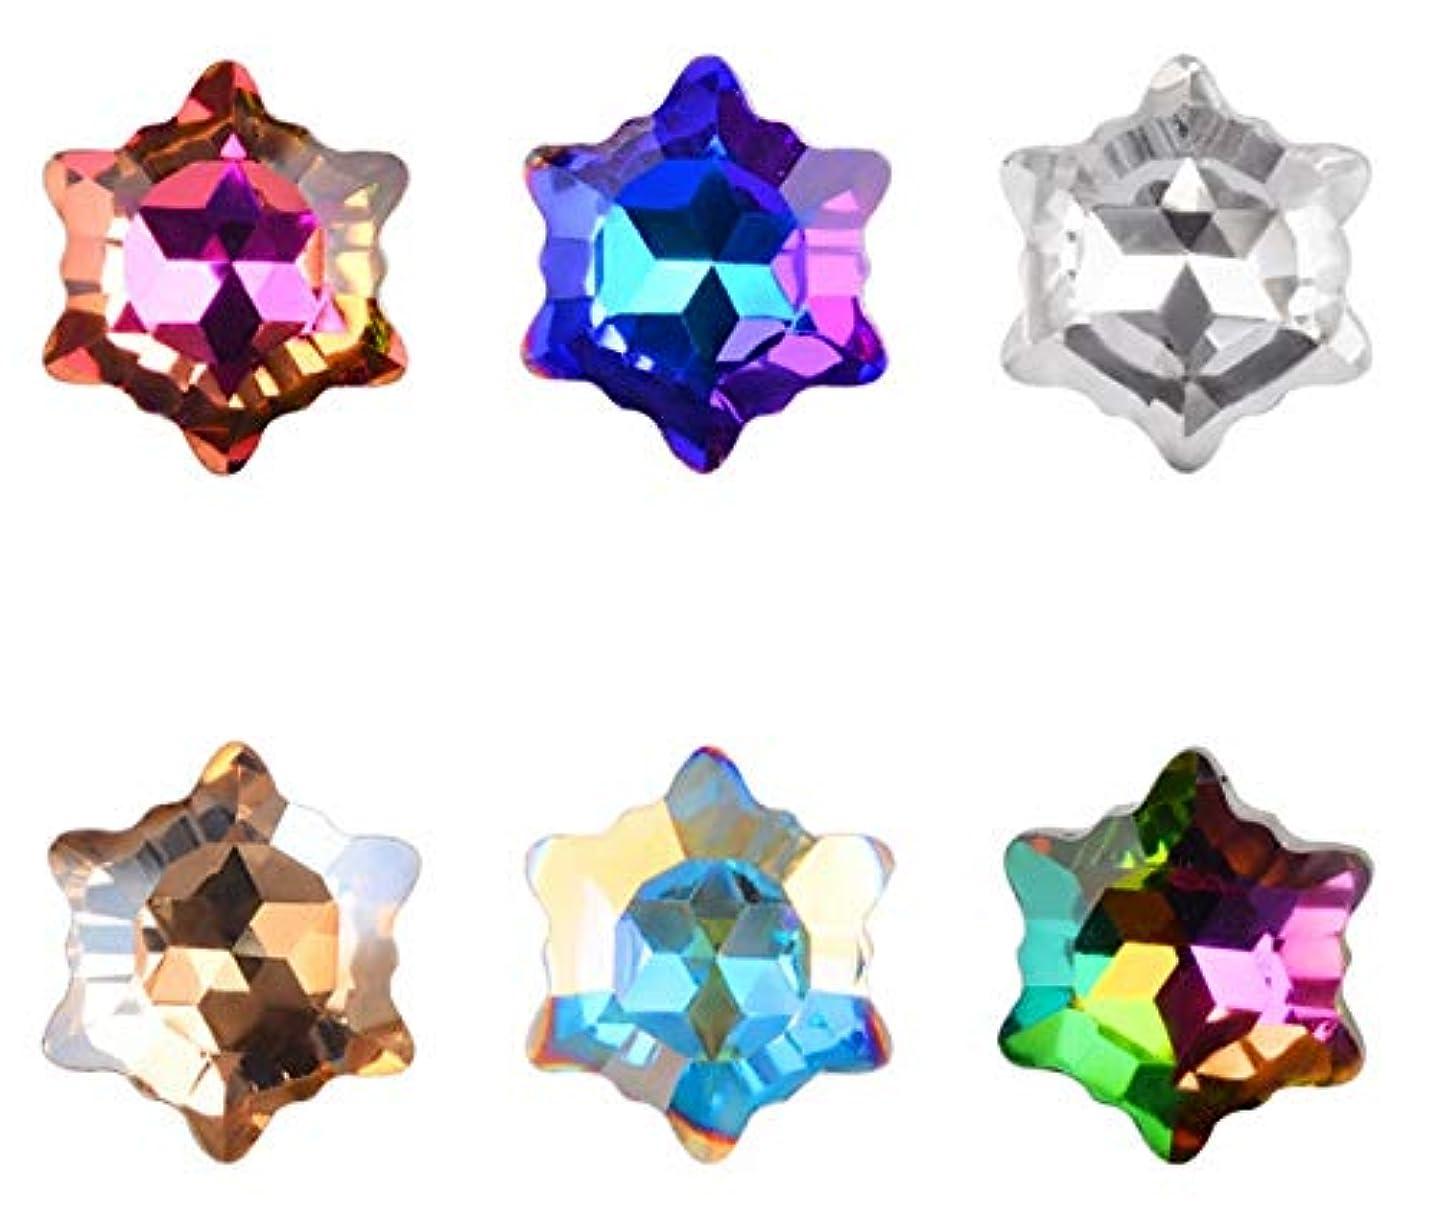 順応性のあるキャンパスヒロイックTianmey 6Piecesネイル結晶ネイルズ装飾用宝石ストーンズアートラインストーンヒラタグラスチャームネイル